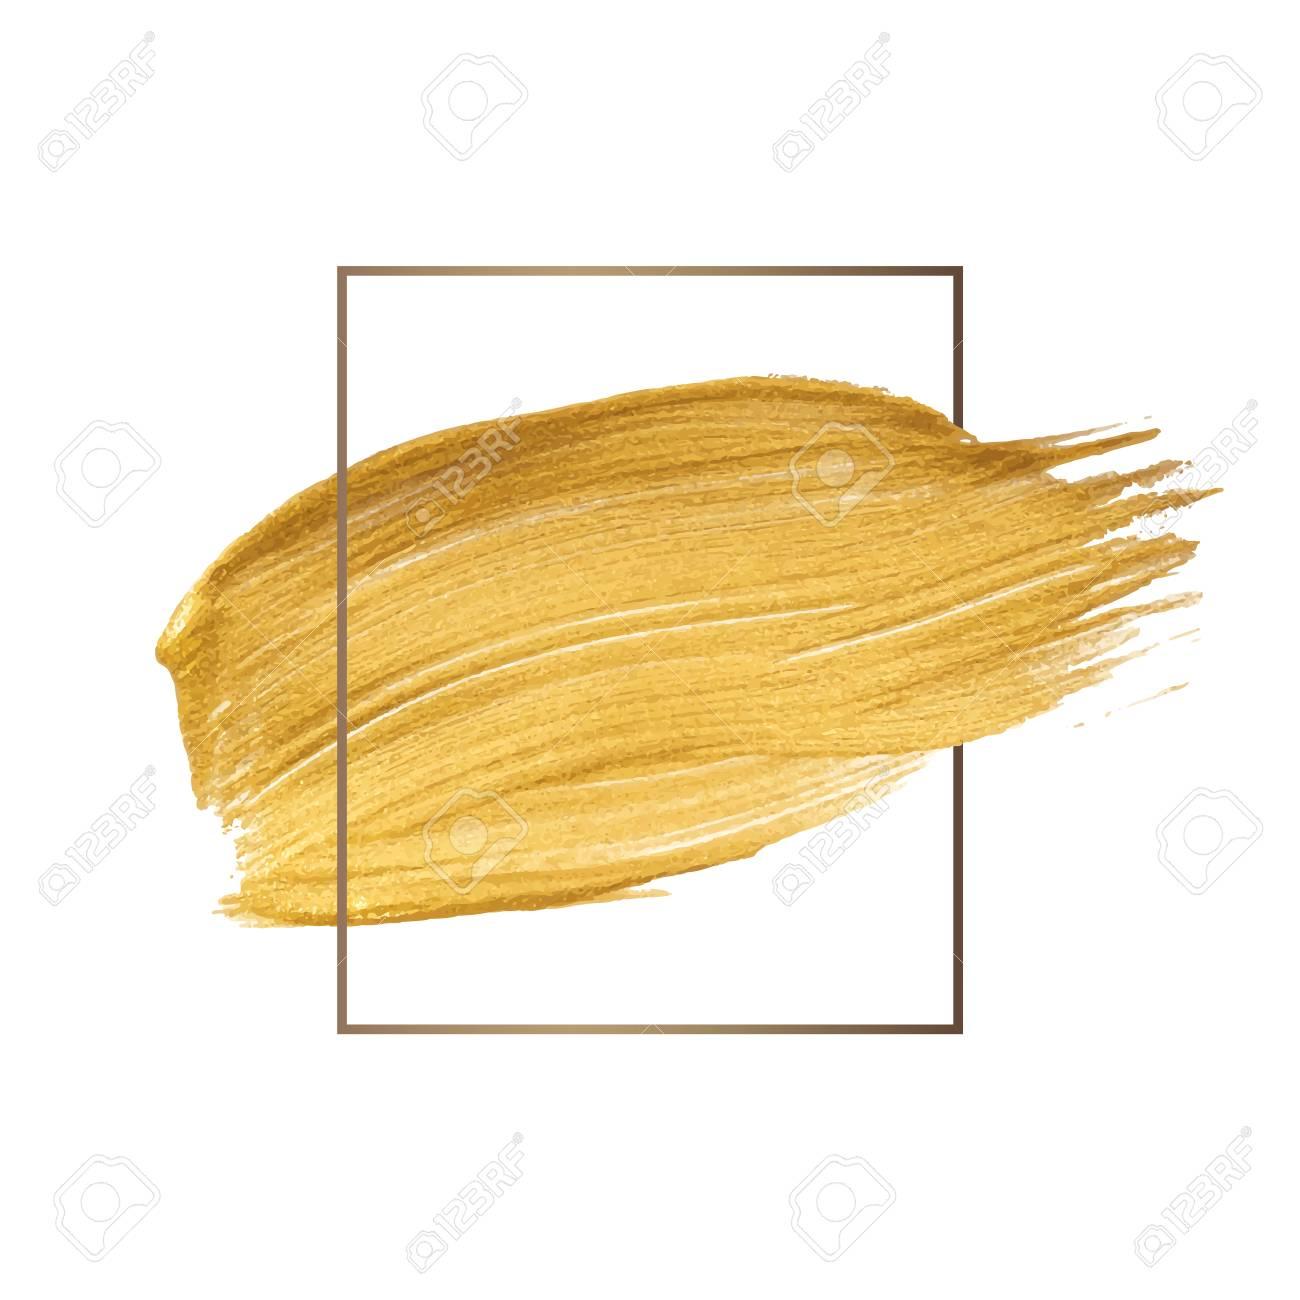 Golden shimmery brush stroke badge vector - 119597645